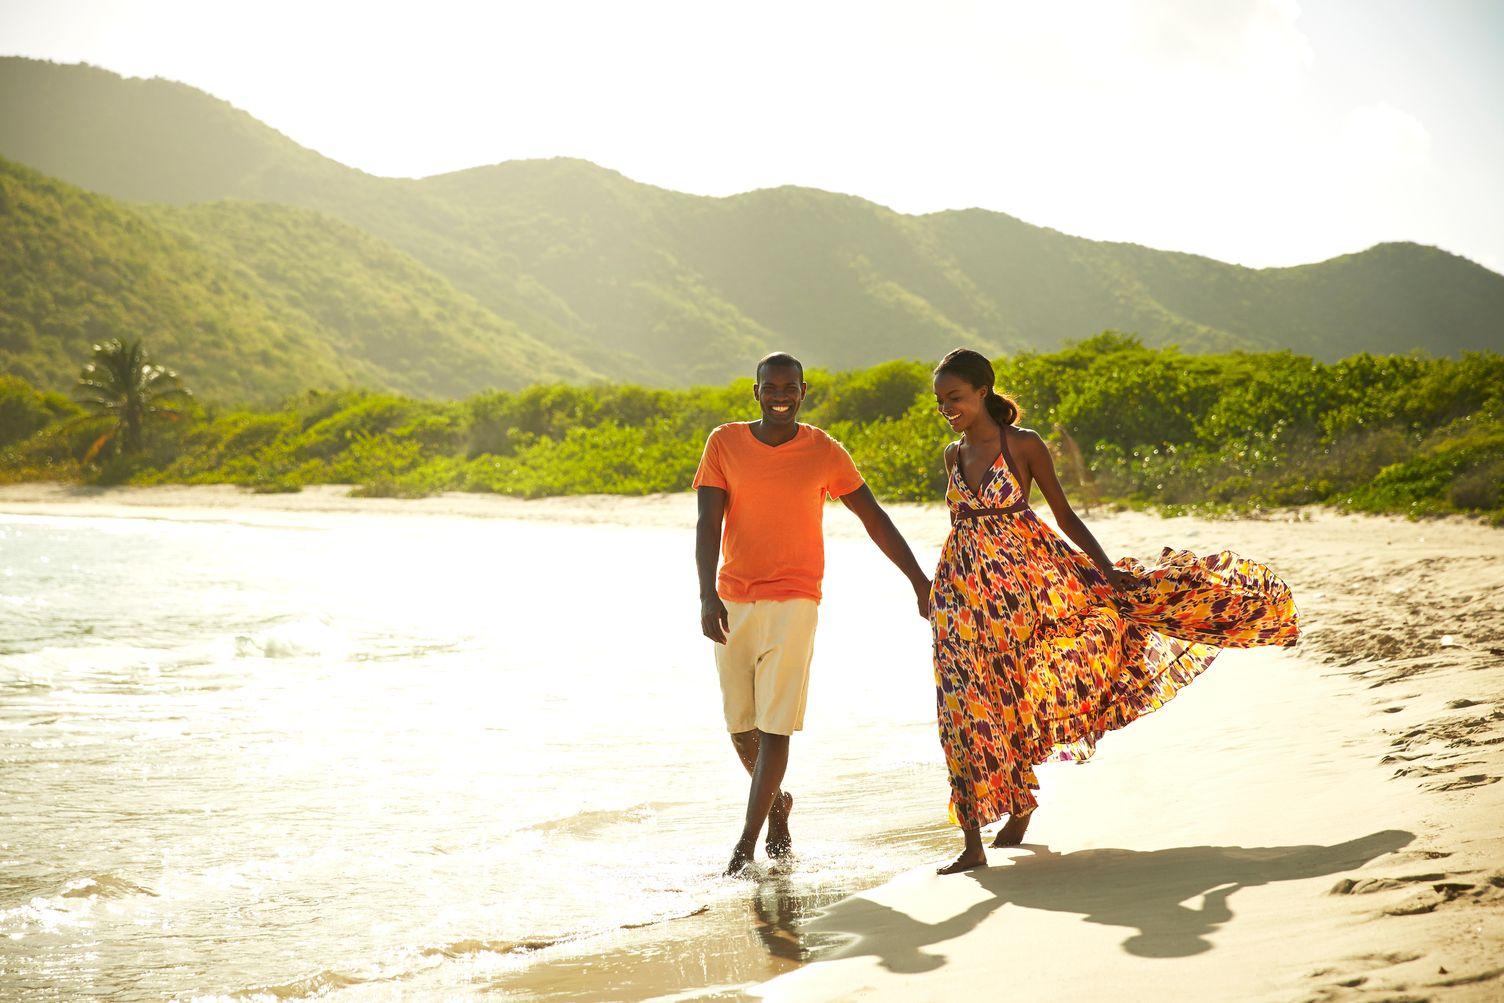 Paar spaziert Hand in Hand am Strand entlang. Im Hintergrund die bewachsenen Berge der Insel.